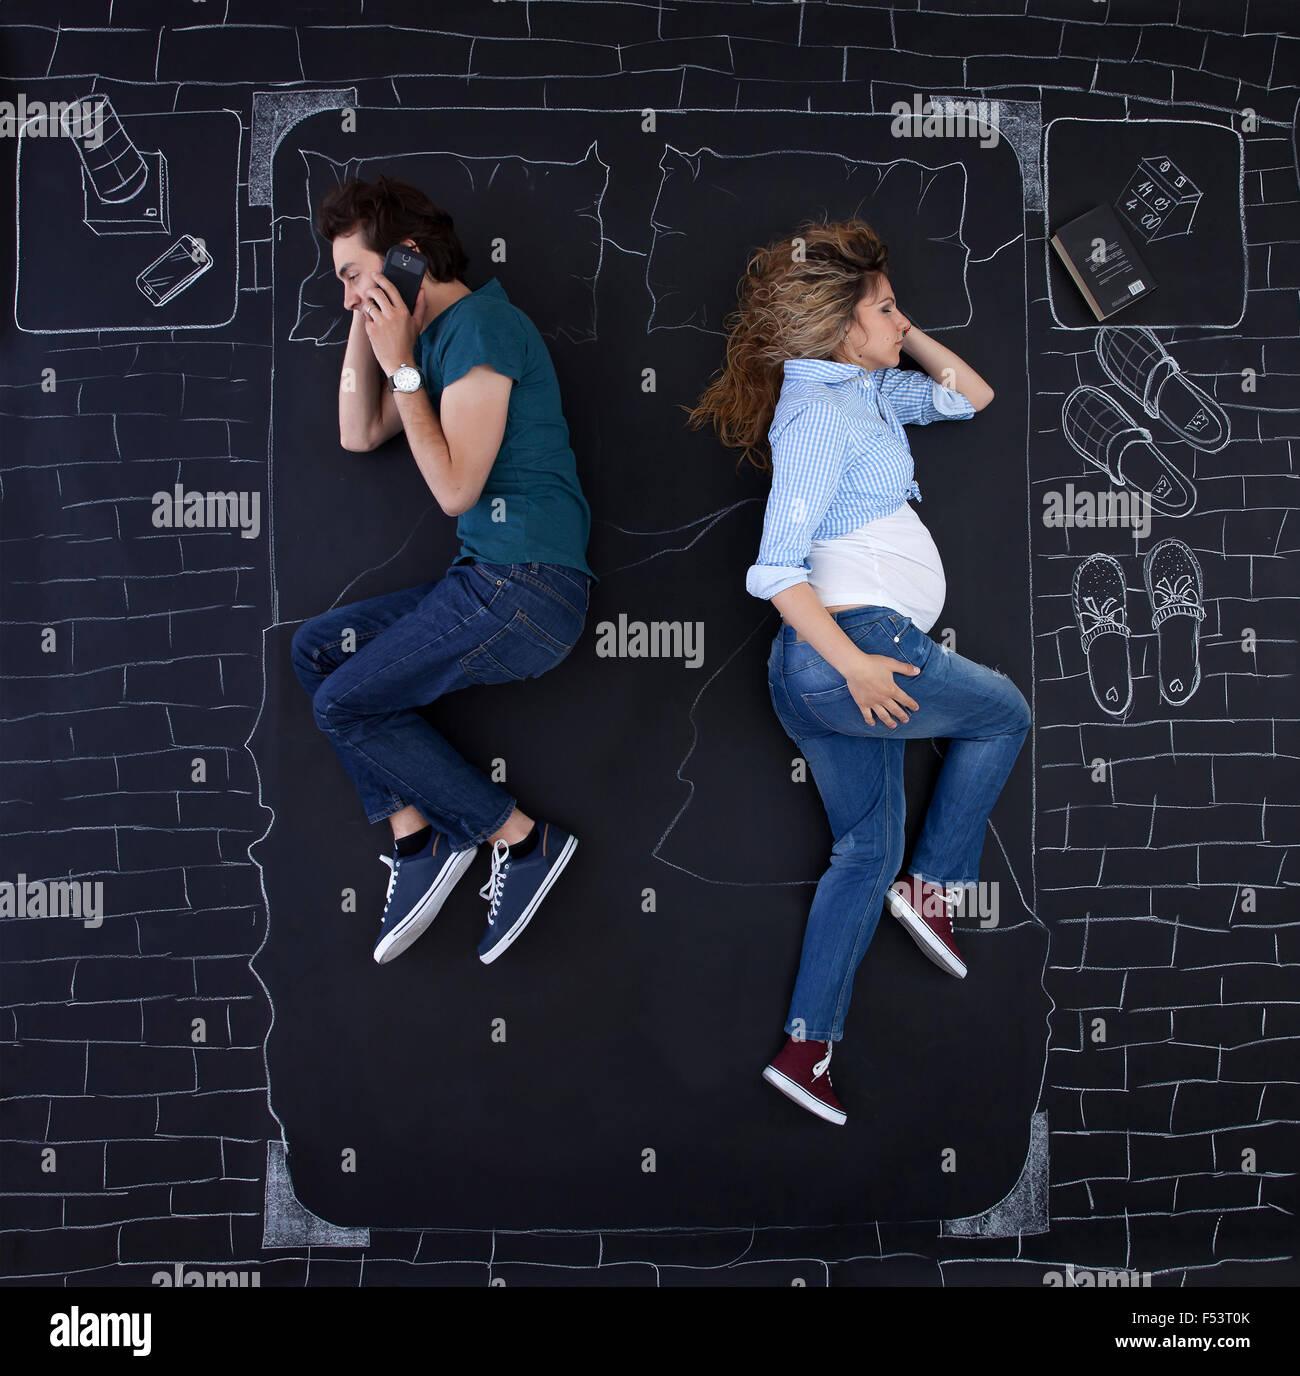 Junges Paar Aktivitäten im Bett zu tun. Der Mann ist am Telefon reden, während sie schläft. Stockbild